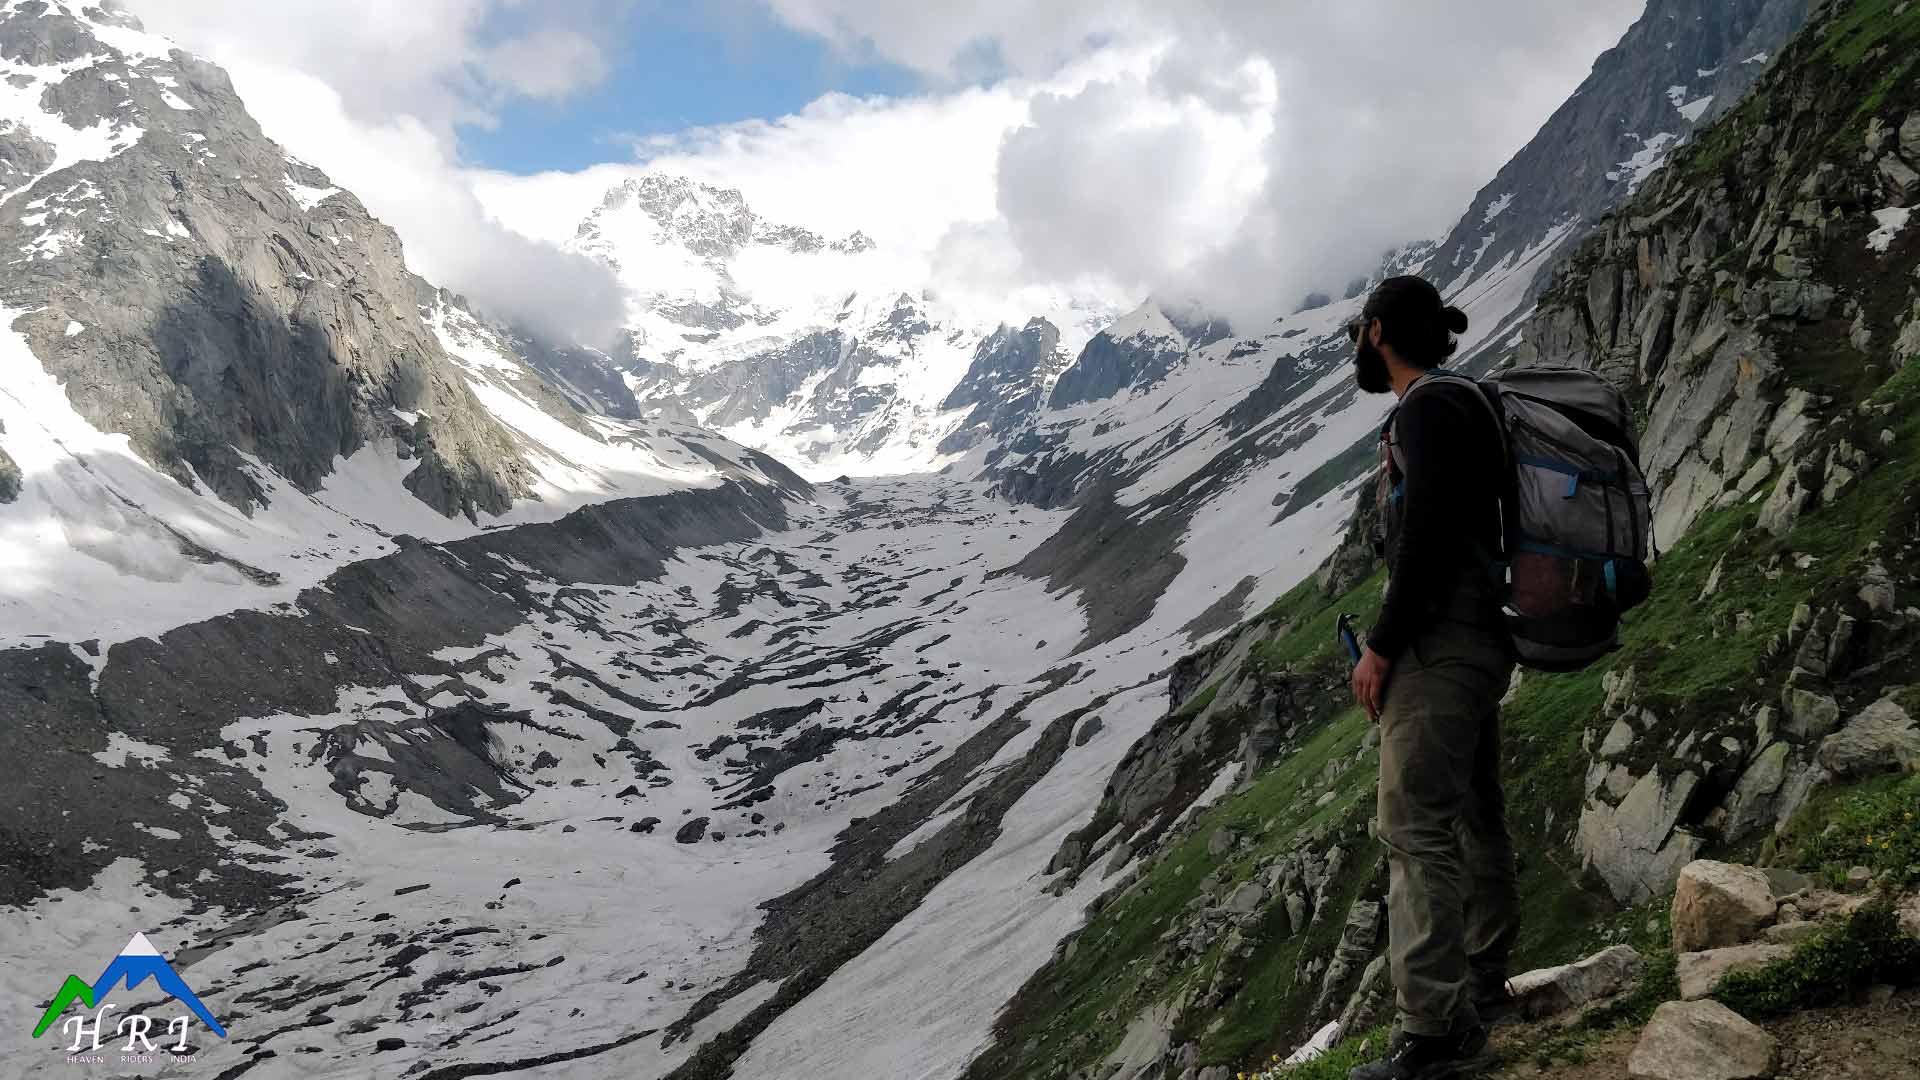 Day 3: Balu ka Ghera (11,900ft) to Shea Goru(12,900ft) Crossing Hampta Pass (14,100ft)